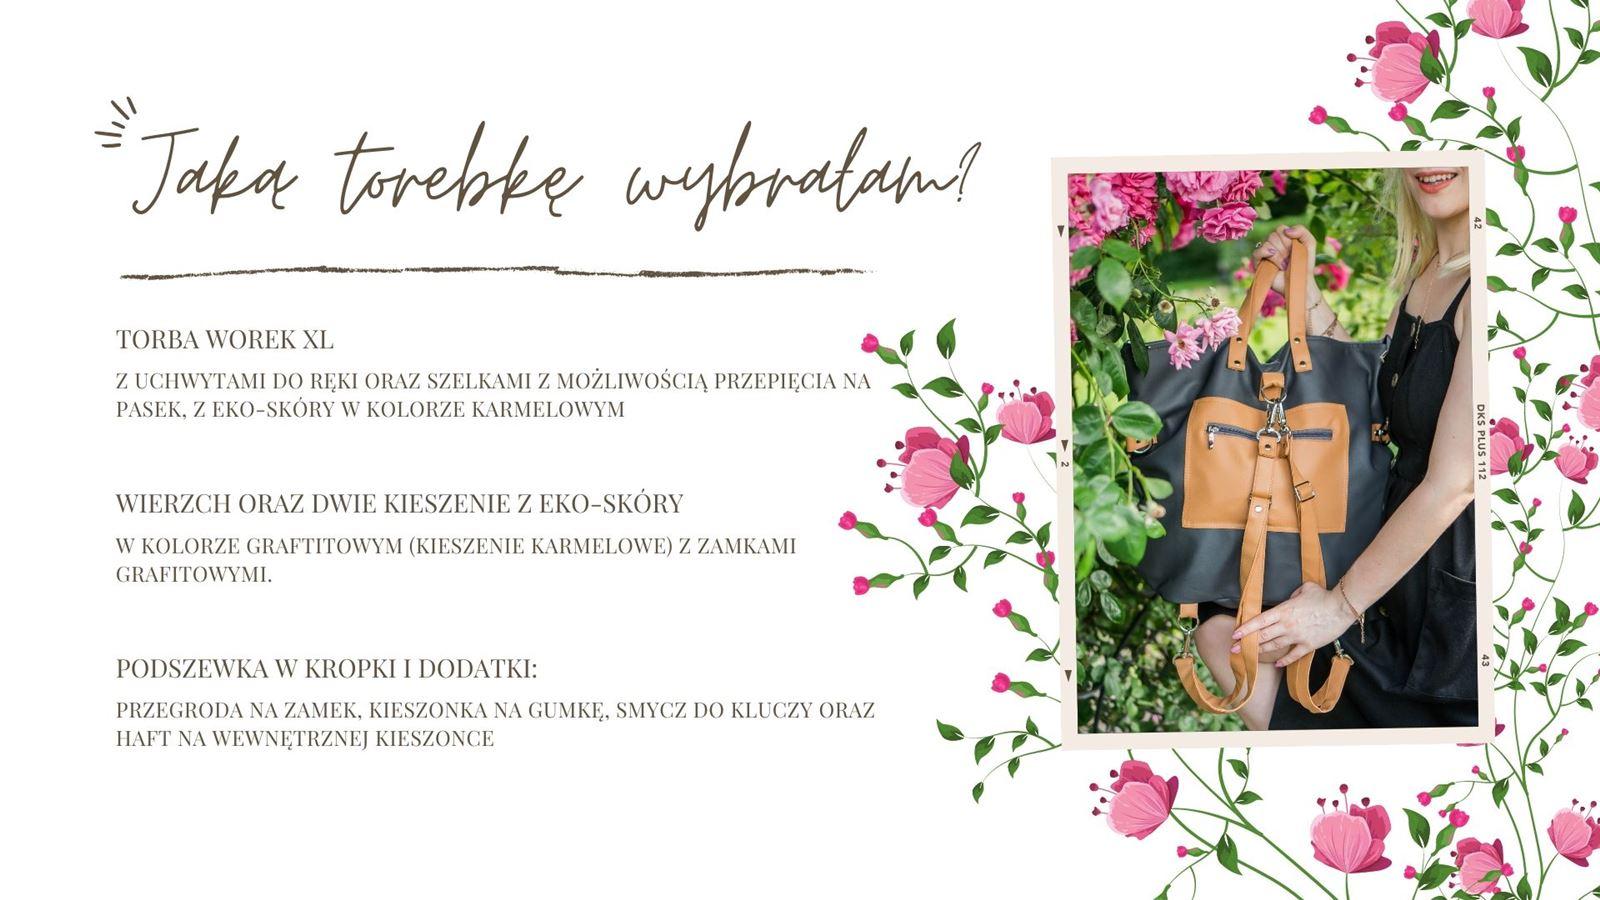 8 Jak zaprojektować własną torebkę. Szycie torebek według swojego projektu. Prezent marzeń - pomysł na niebanalny prezent dla blogerki, dziewczyny, mamy, siostry, koleżanki, przyjaciółki. Torebki polska marka MANA MANA jakośc opinie, gdzie kupić, ile kosztuje